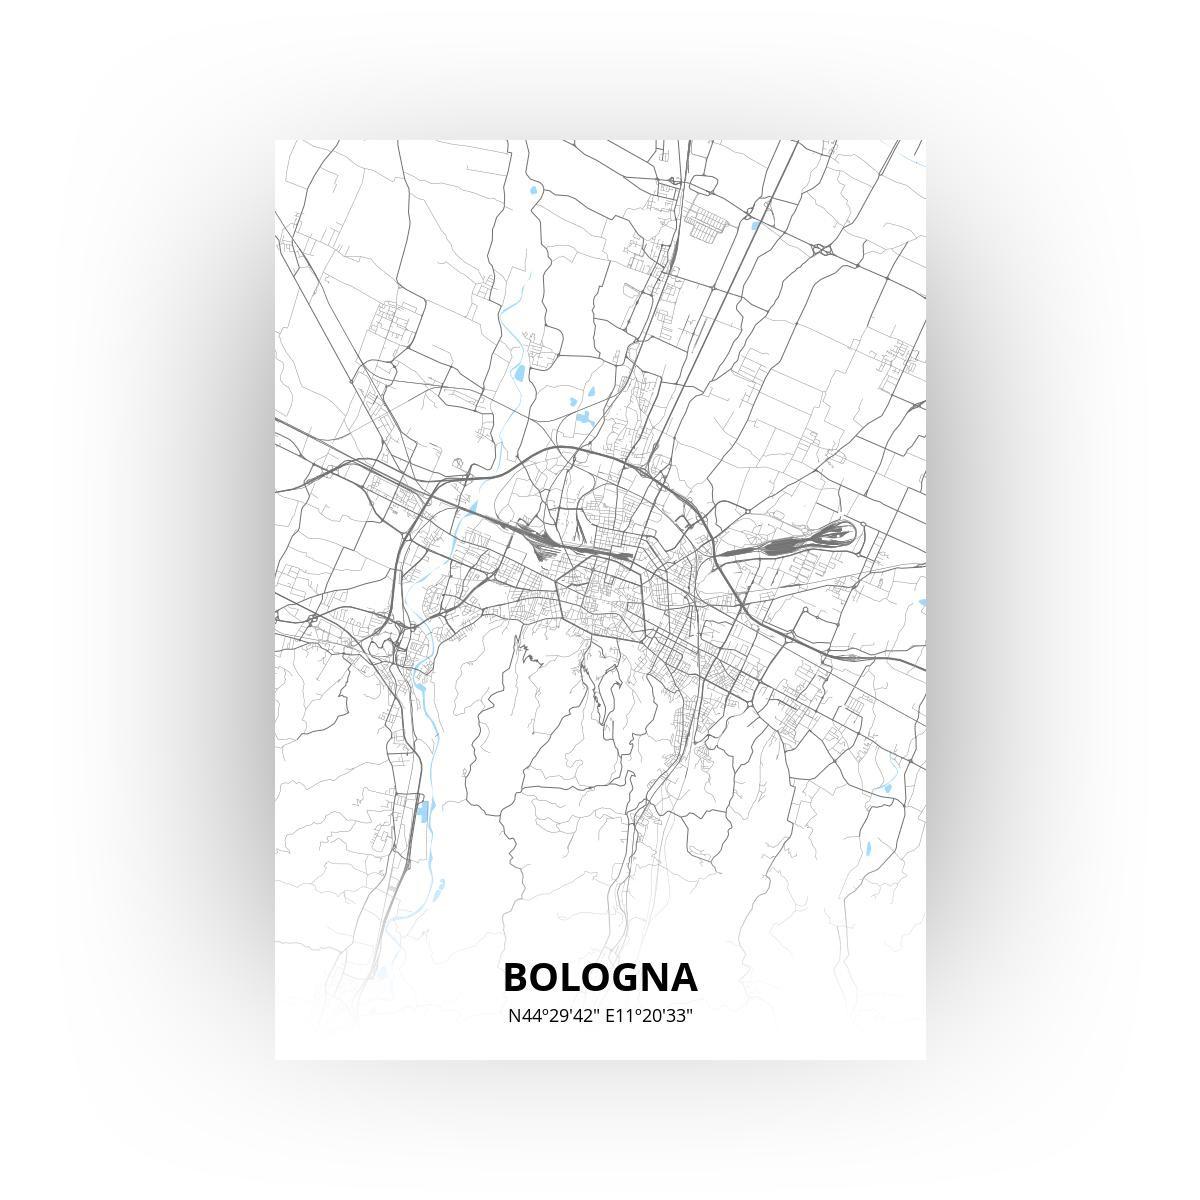 Bologna poster - Zelf aan te passen!